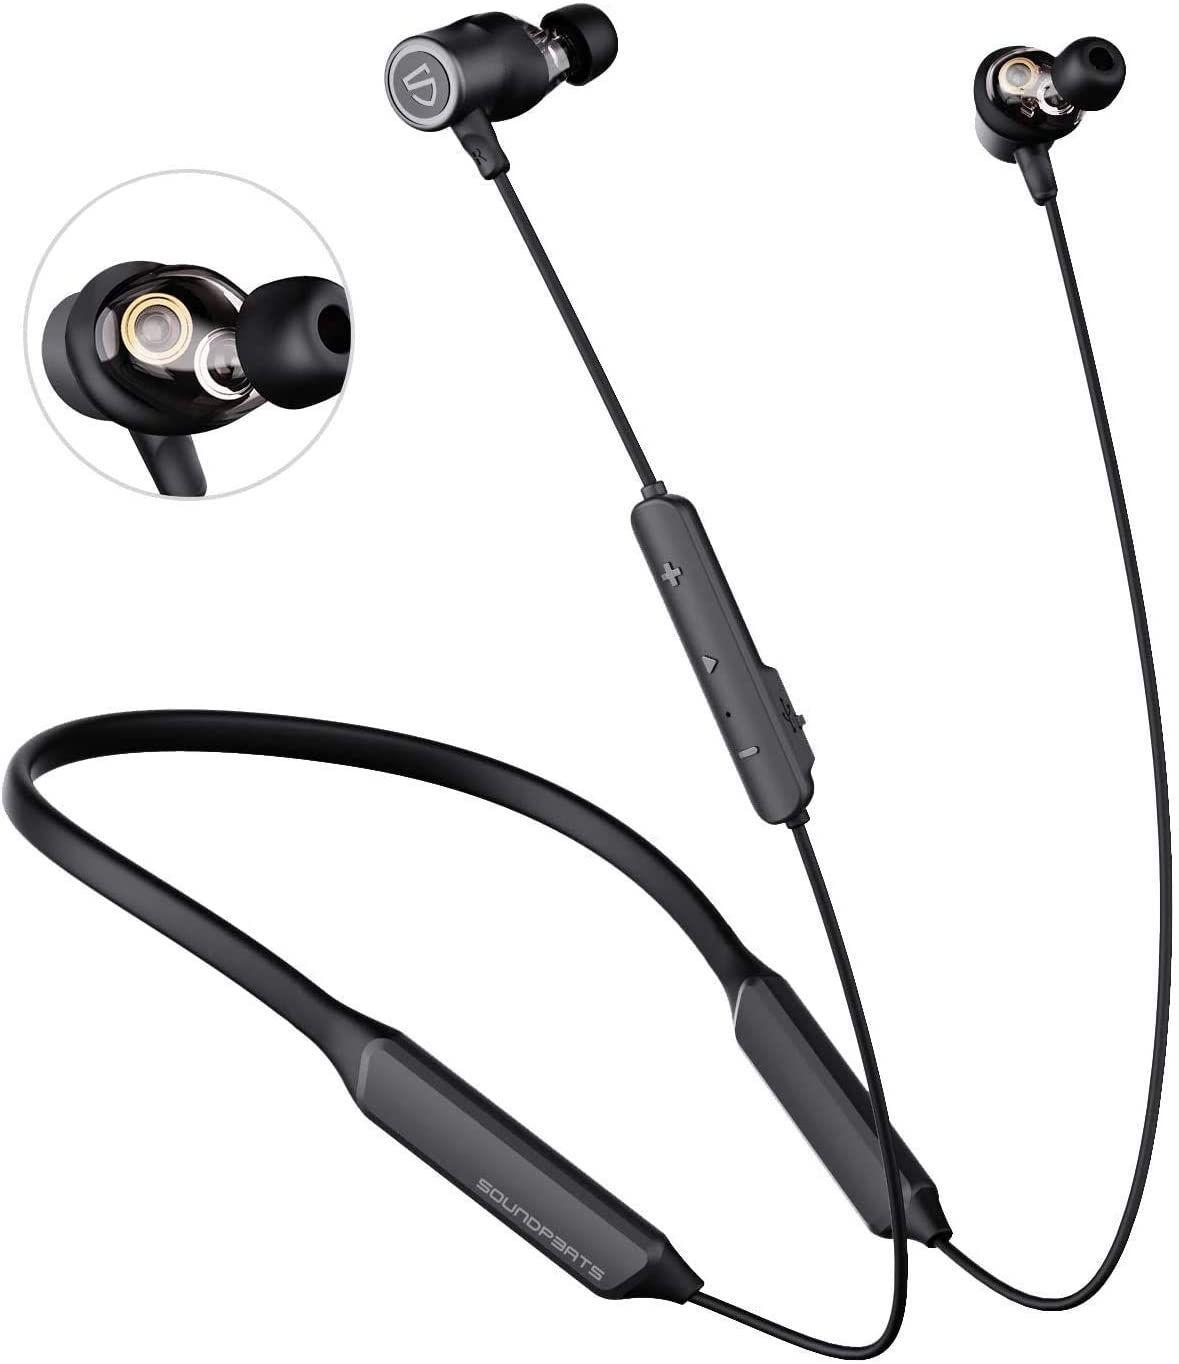 Amazon: Audífonos Soundpets Force Pro con descuento + cupón